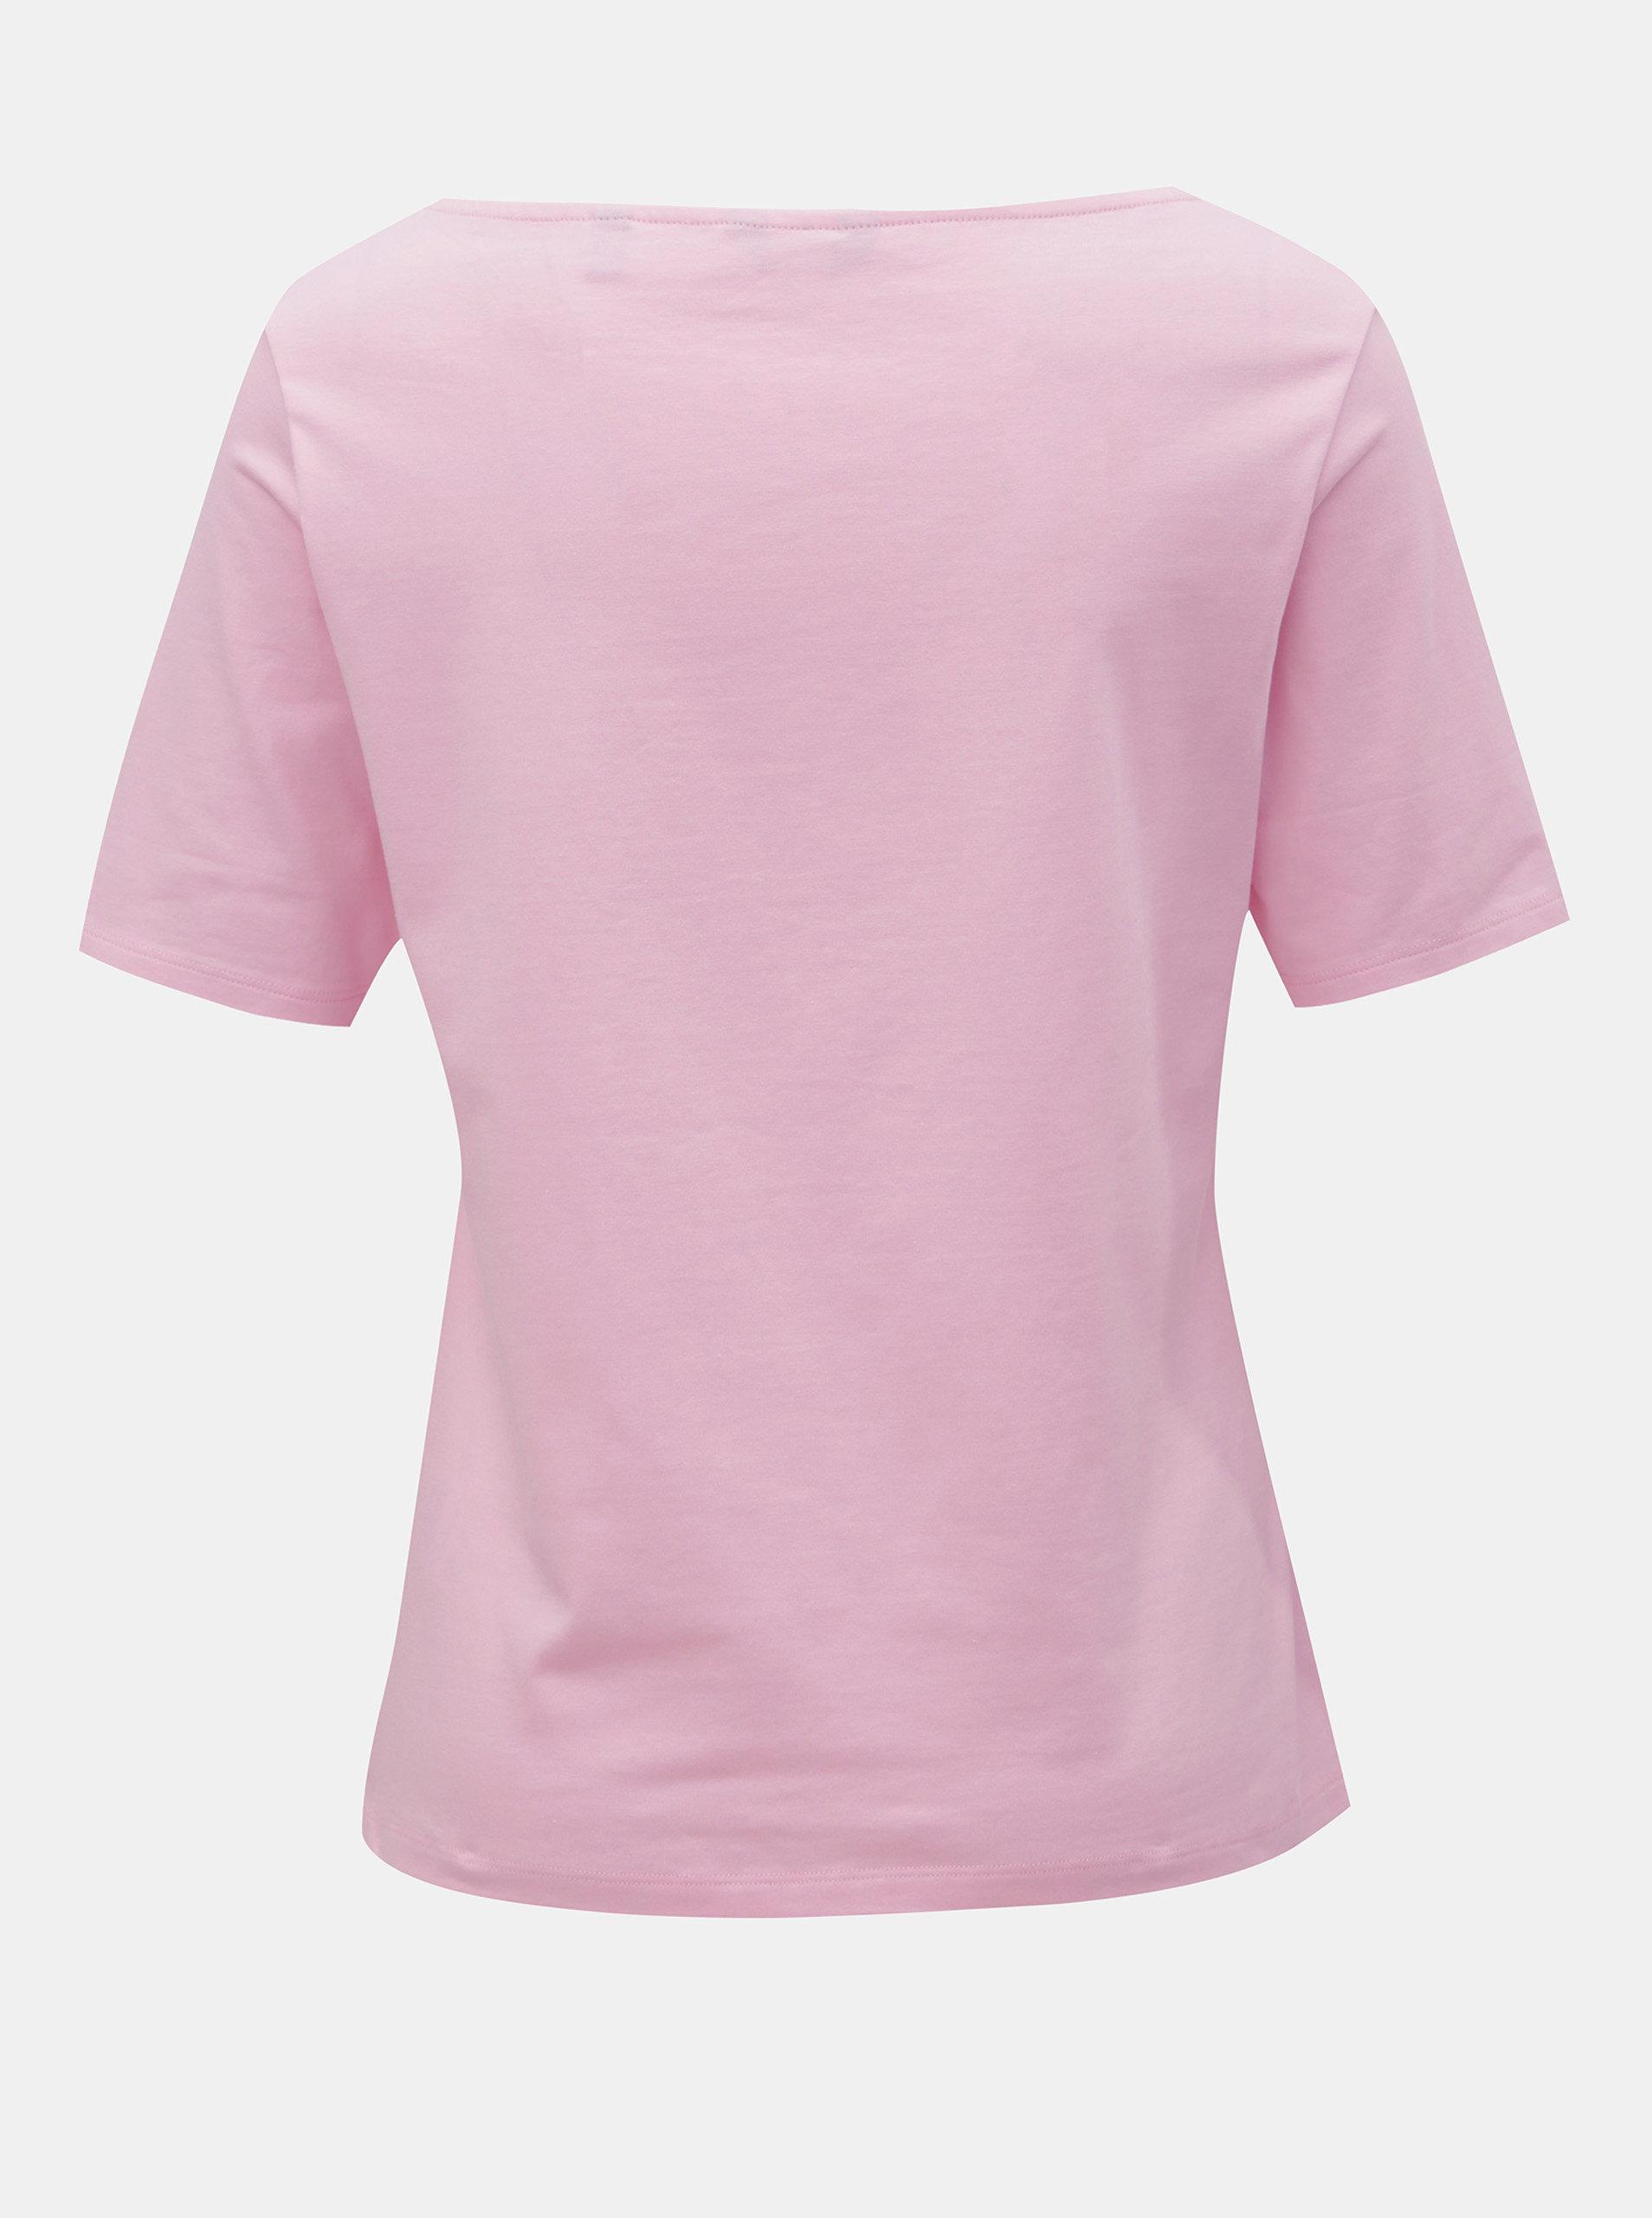 481a7ada9a9a Ružové dámske tričko s lodičkovým výstrihom GANT ...